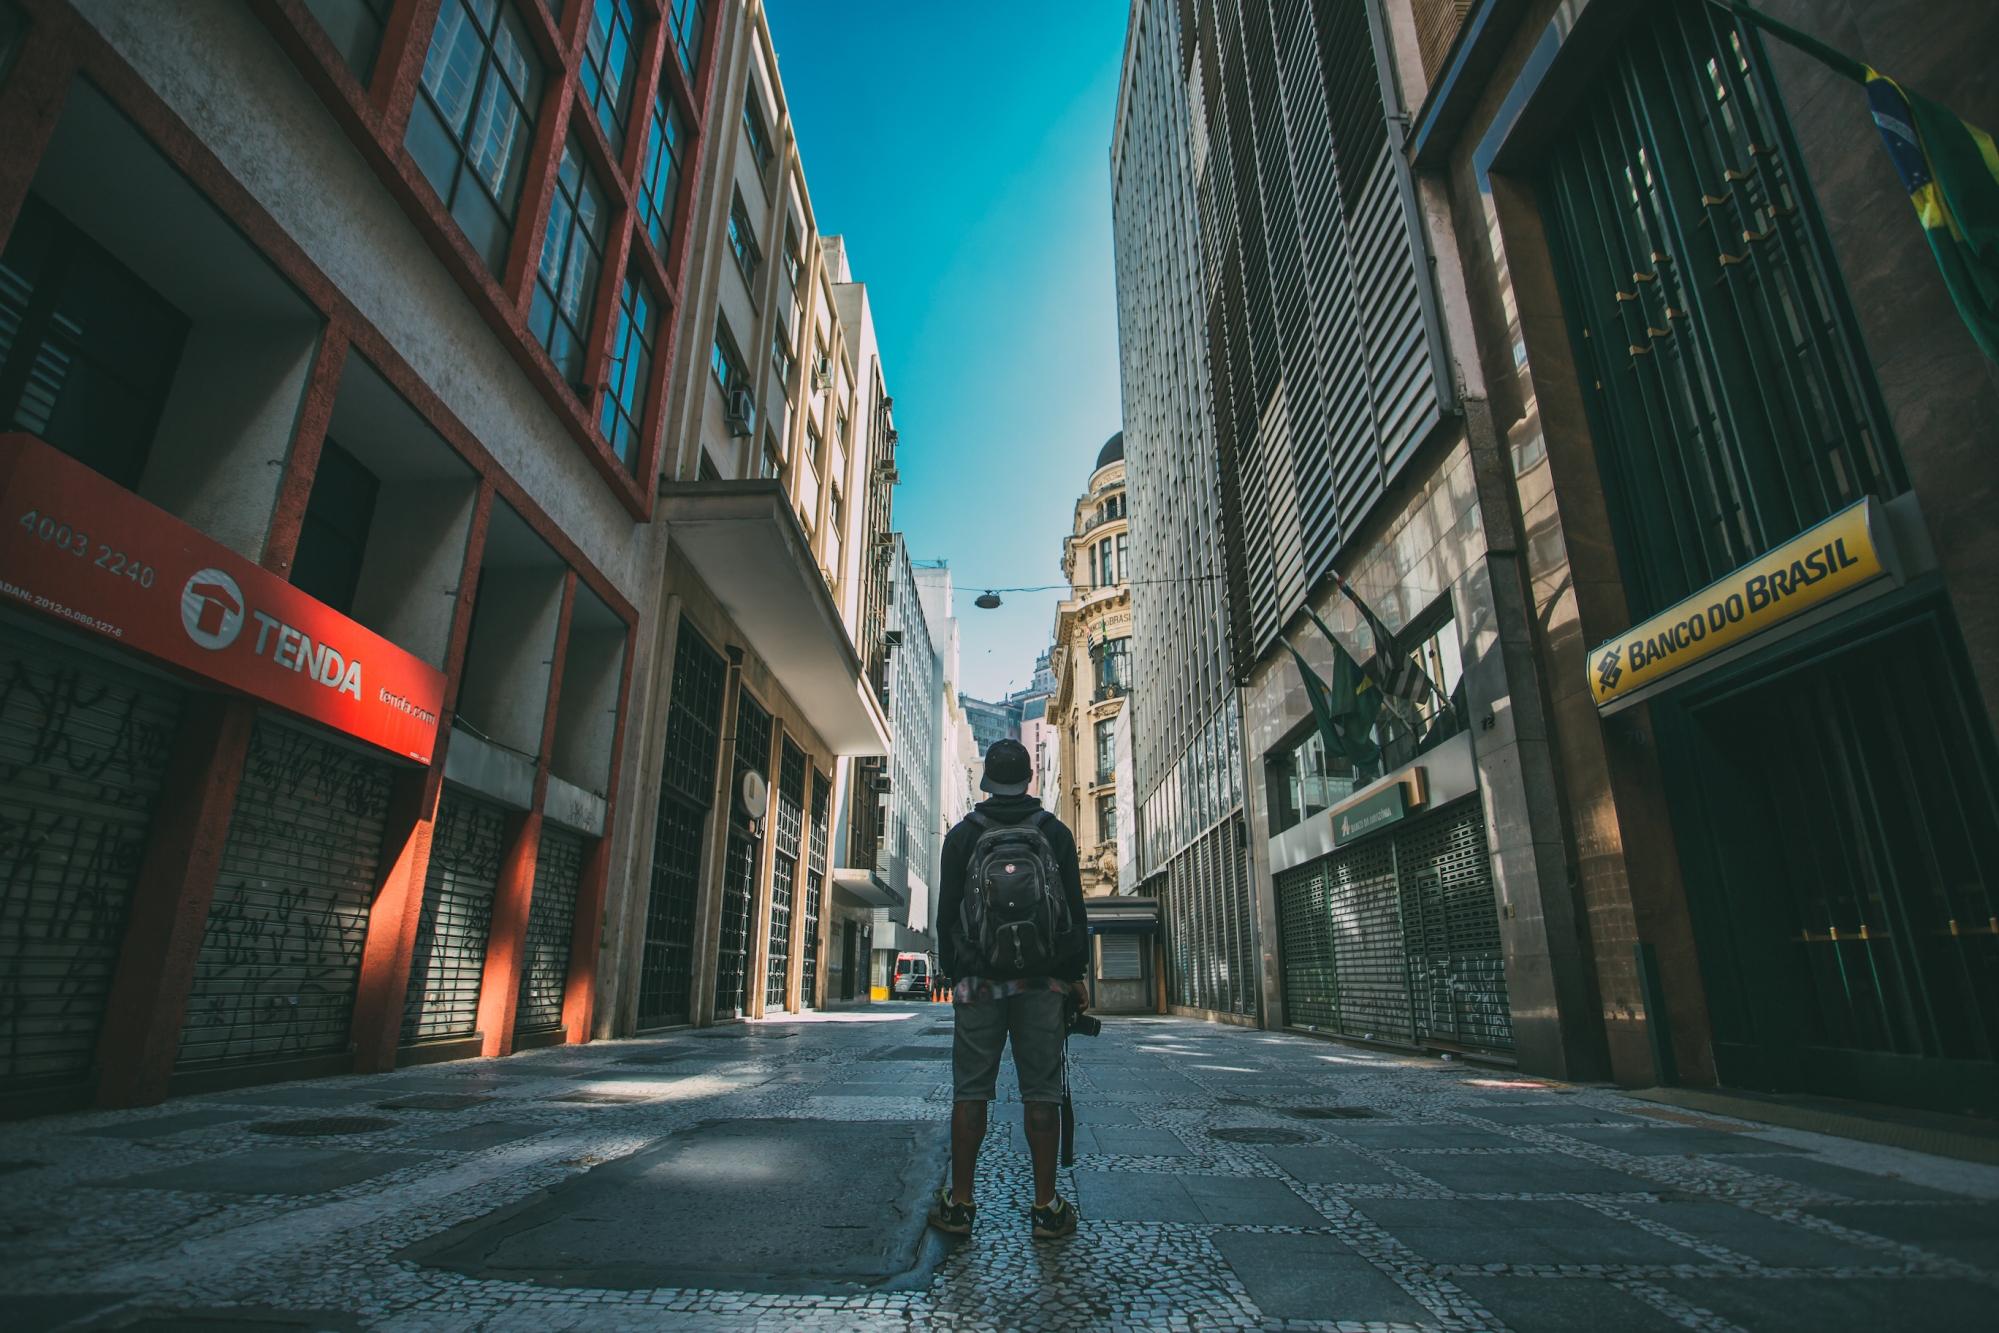 Man facing away standing on a Brazilian street